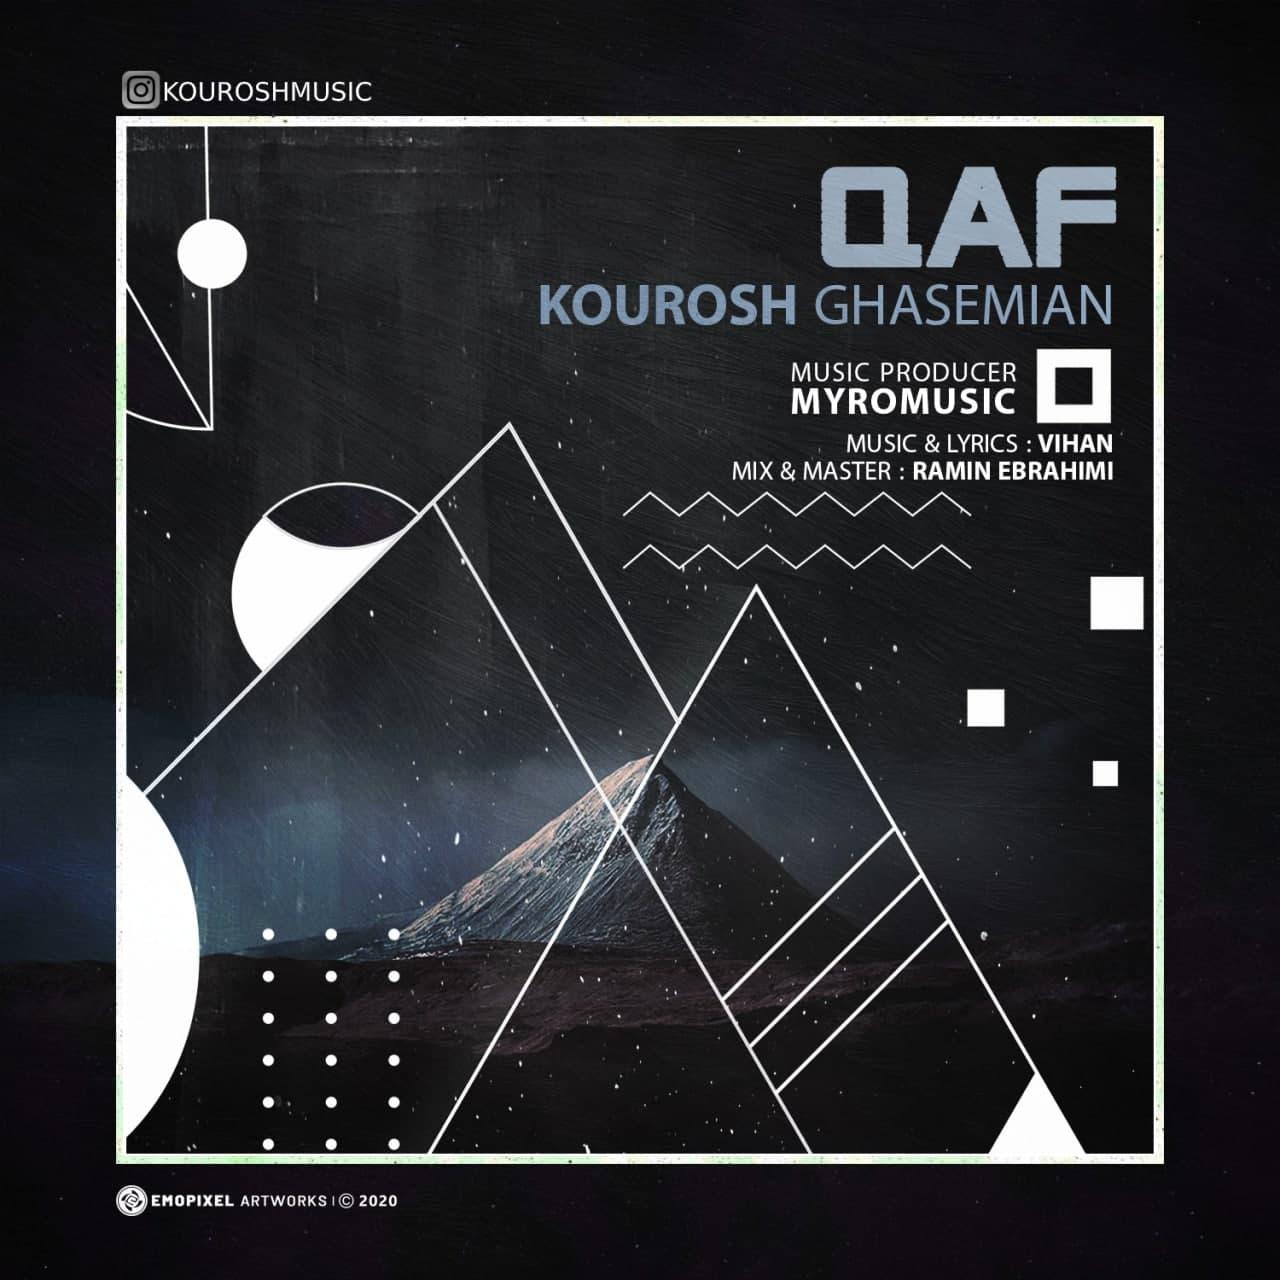 Kourosh Ghasemian – Qaf